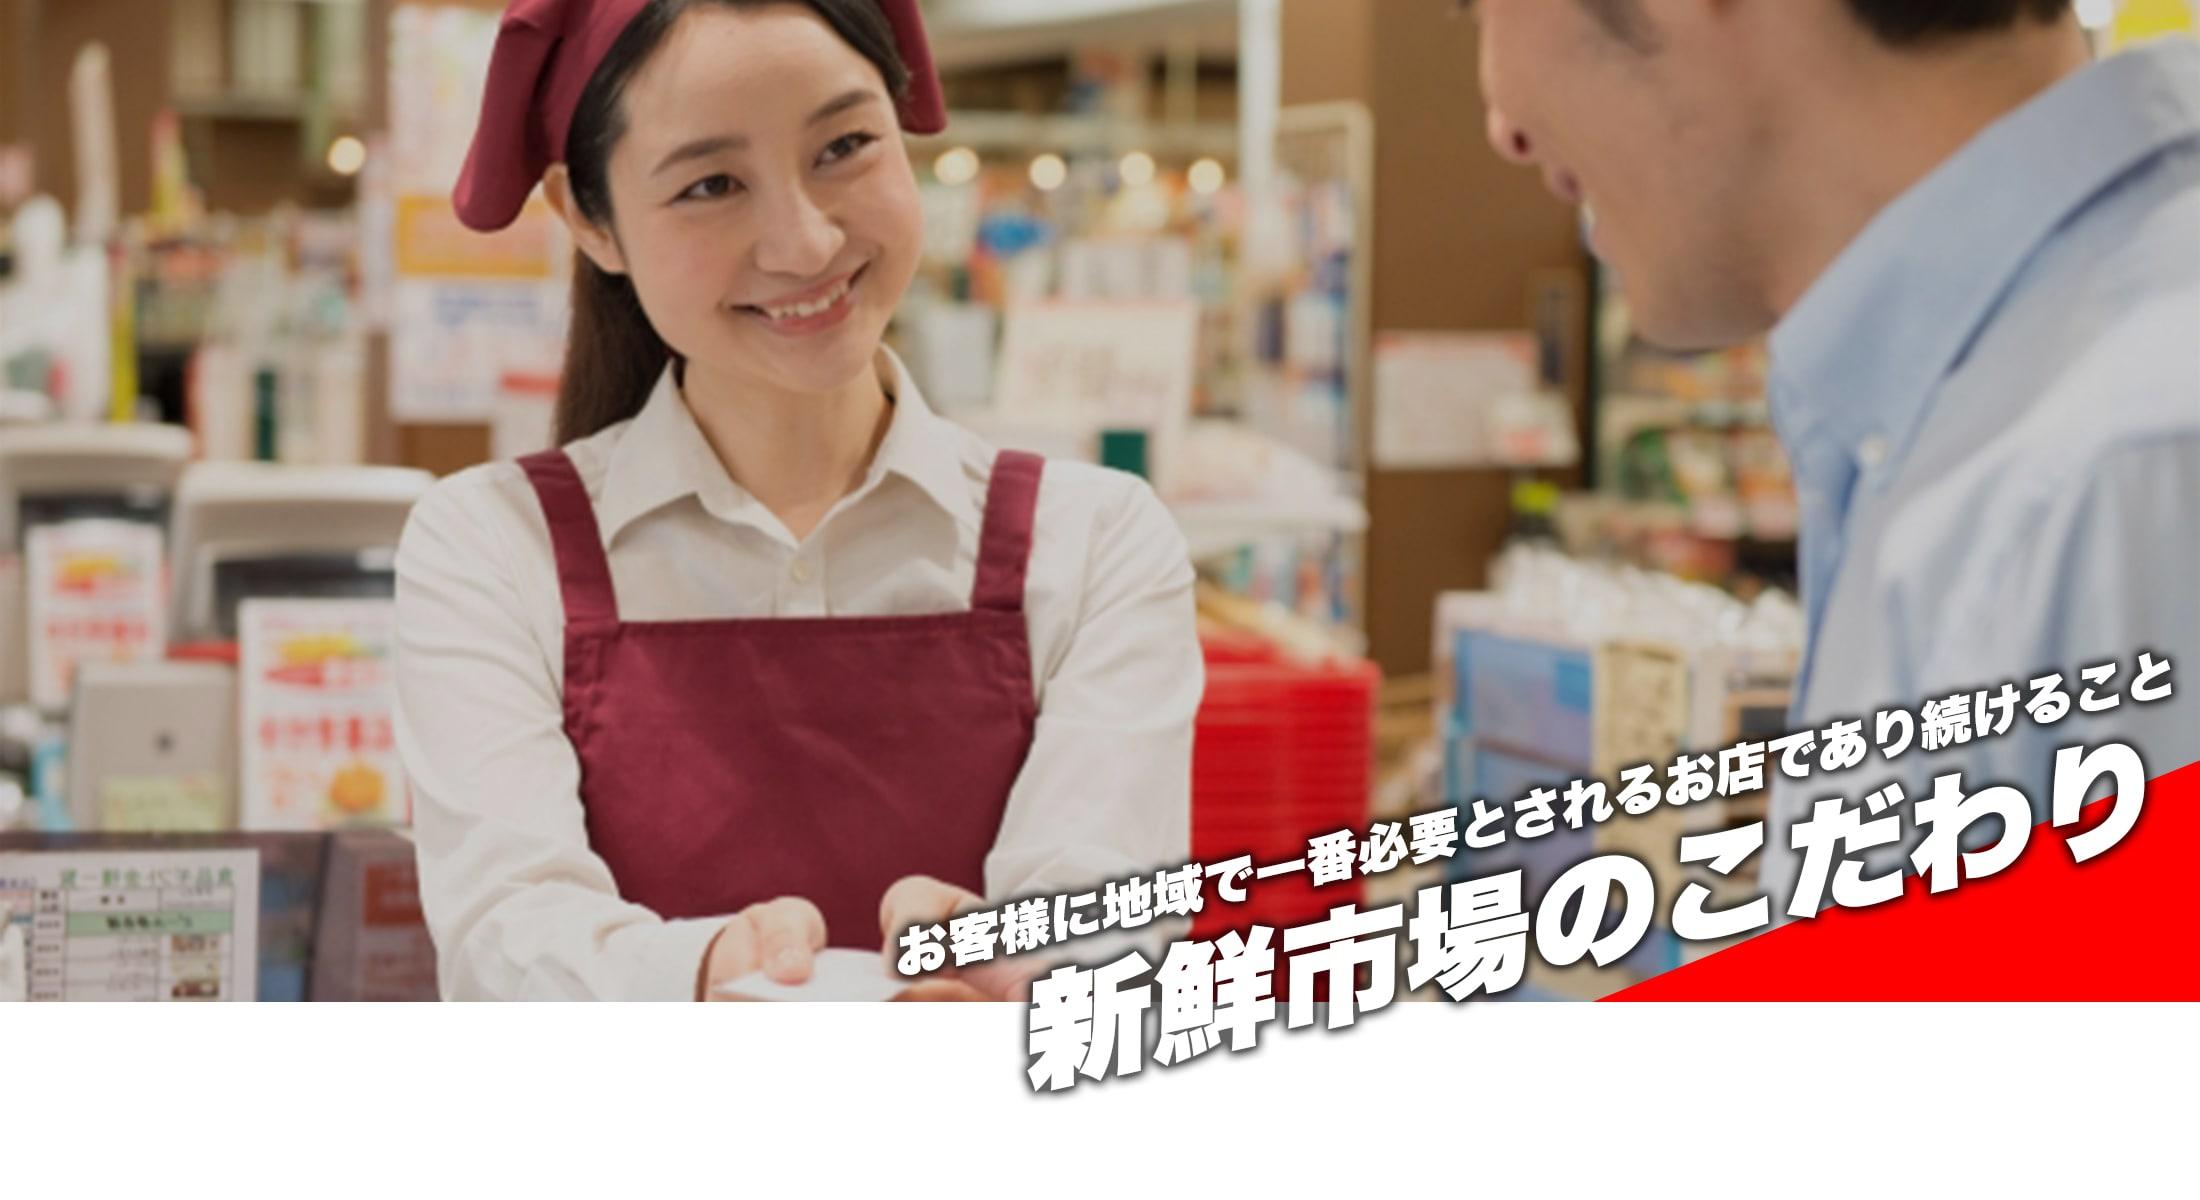 新鮮市場のこだわり お客様に地域で一番必要とされるお店であり続ける事